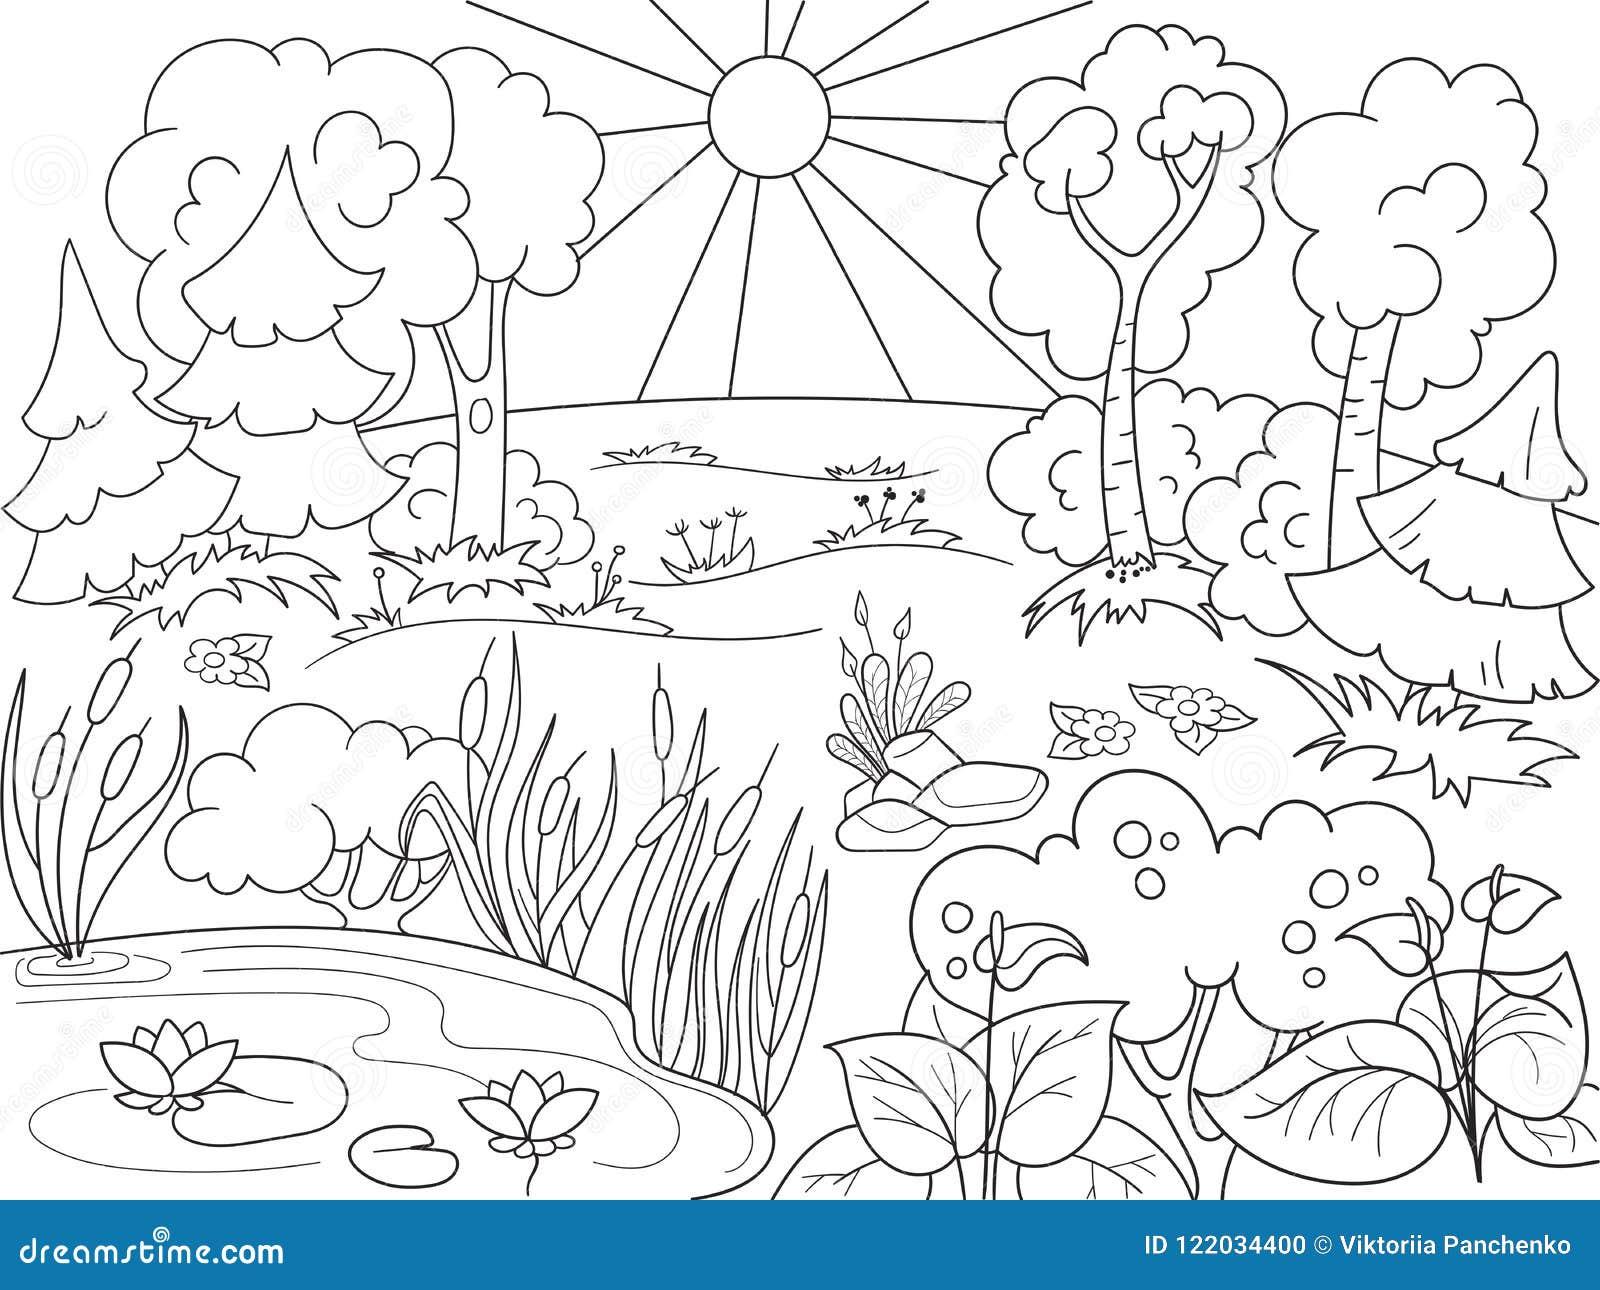 Coloriage Garcon Nature.Nature Noire Et Blanche De Livre De Coloriage De Bande Dessinee